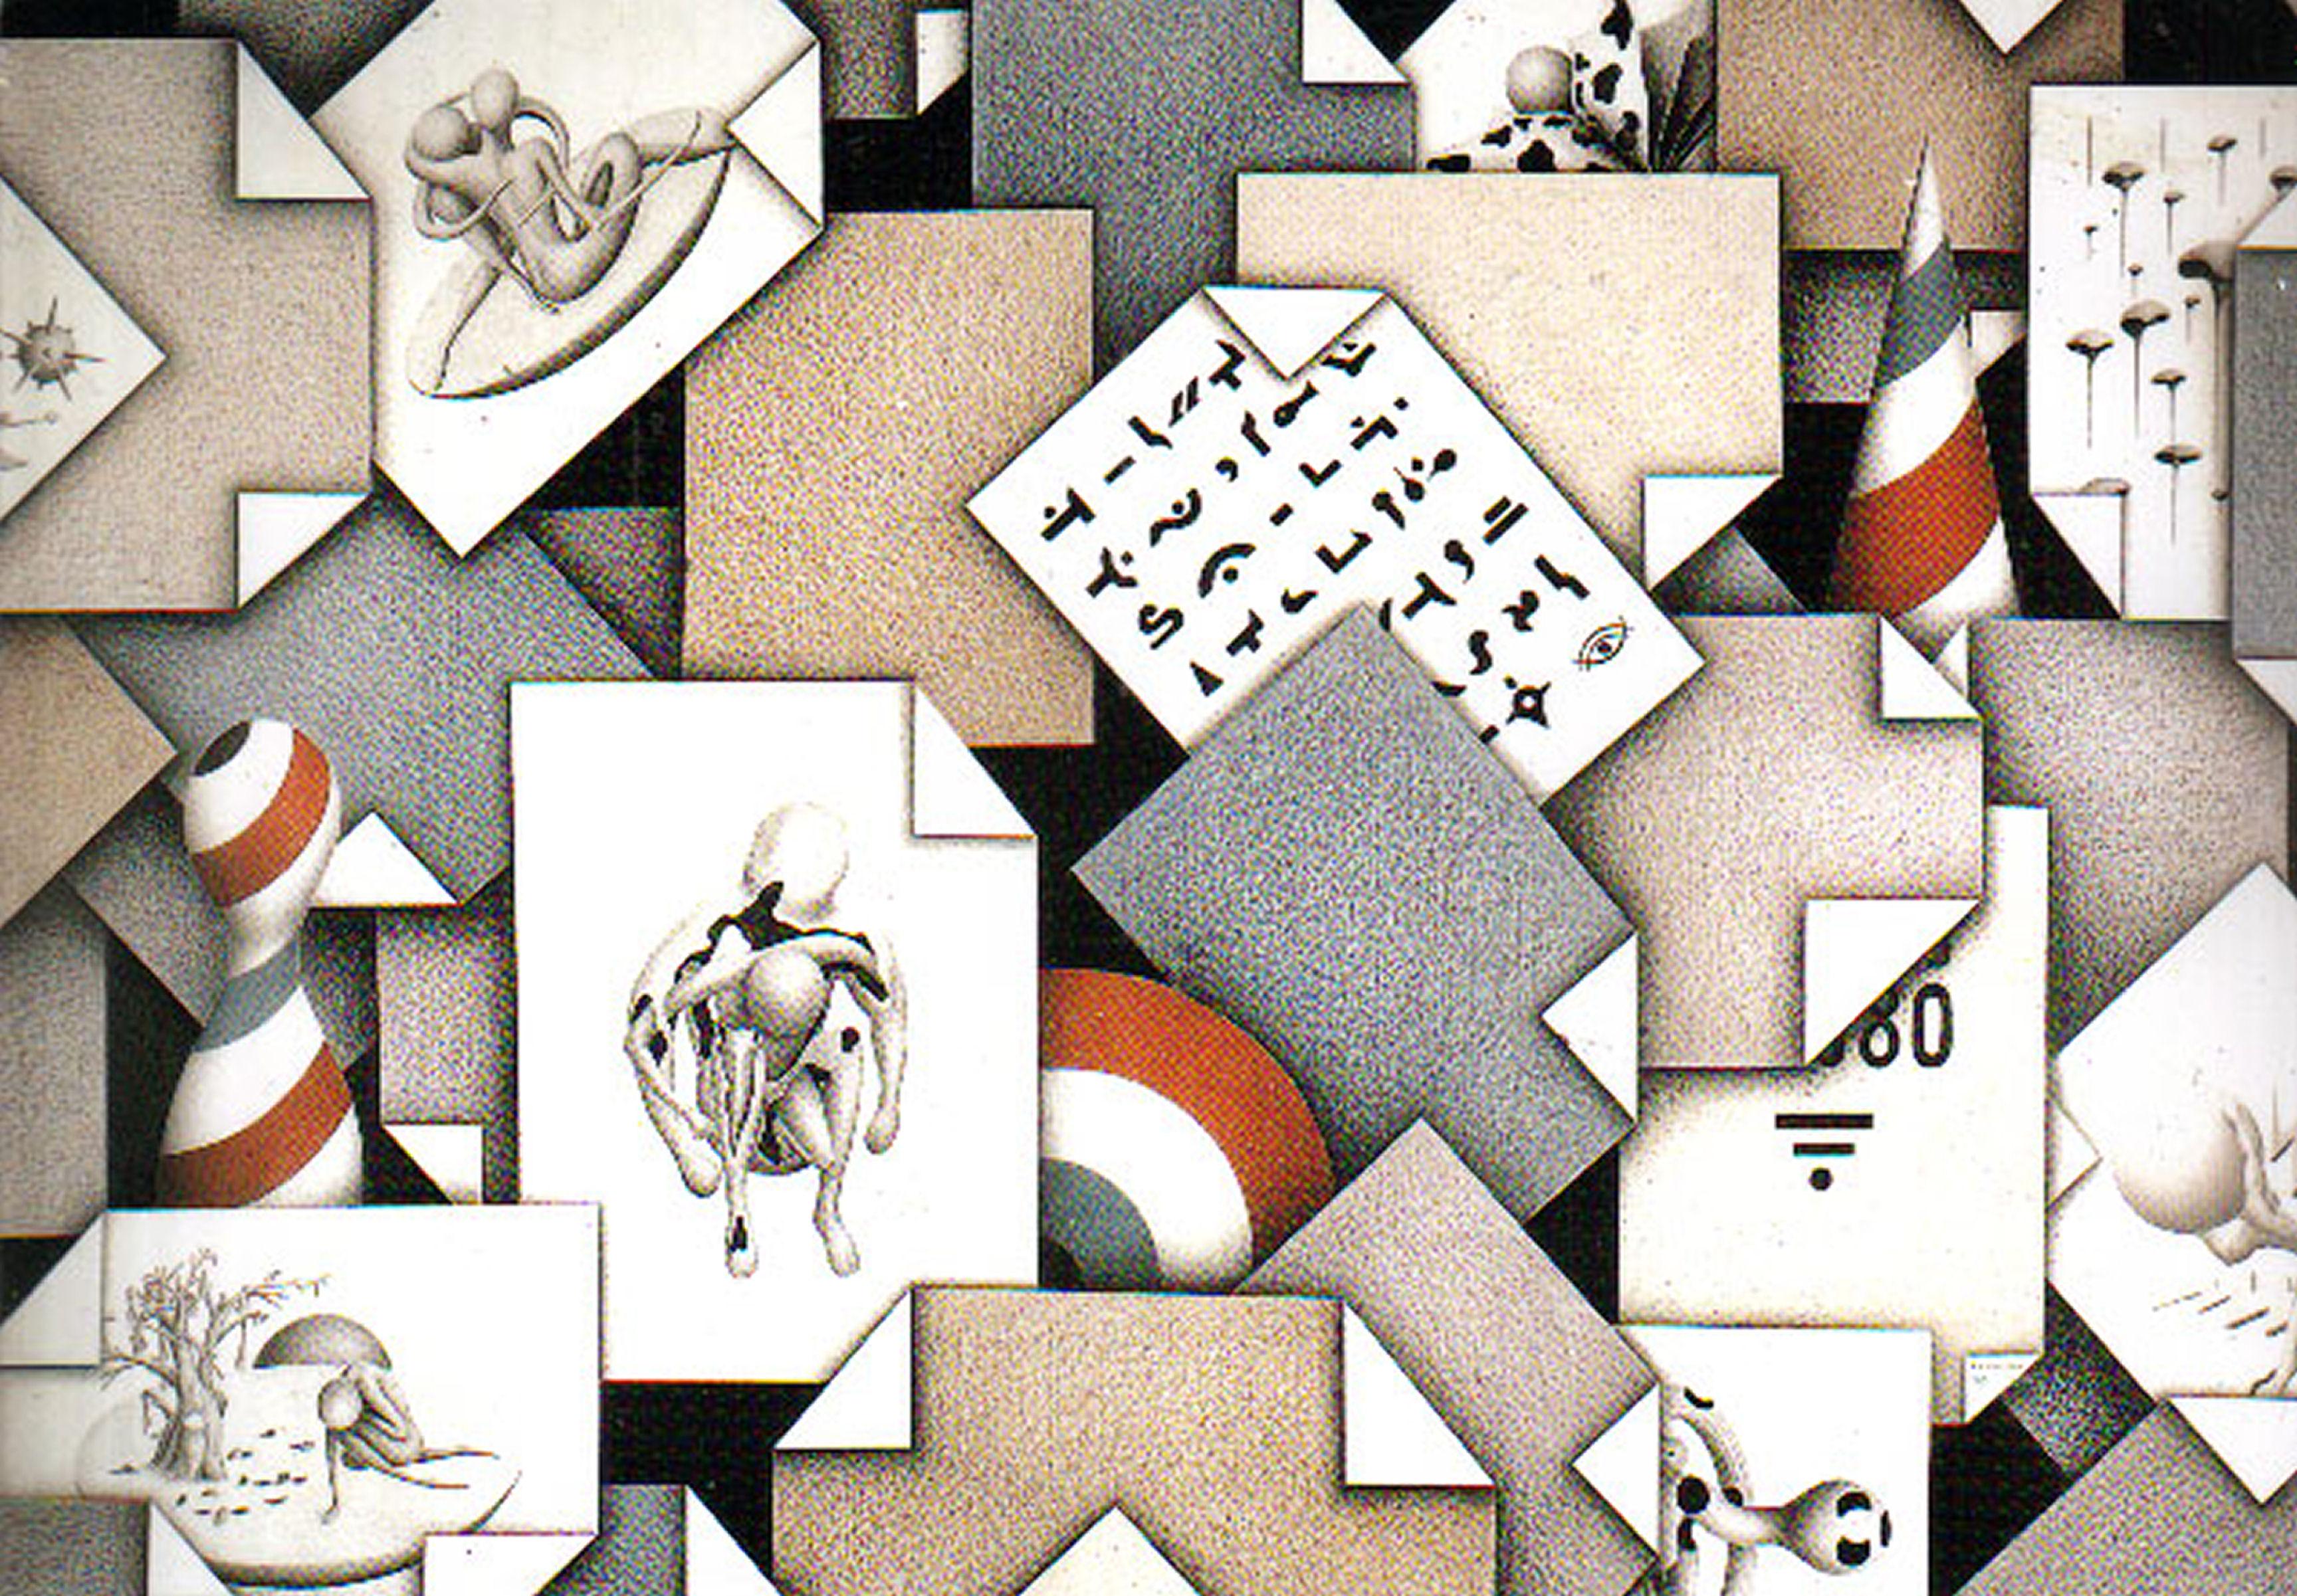 Archivio personale - prime pagine